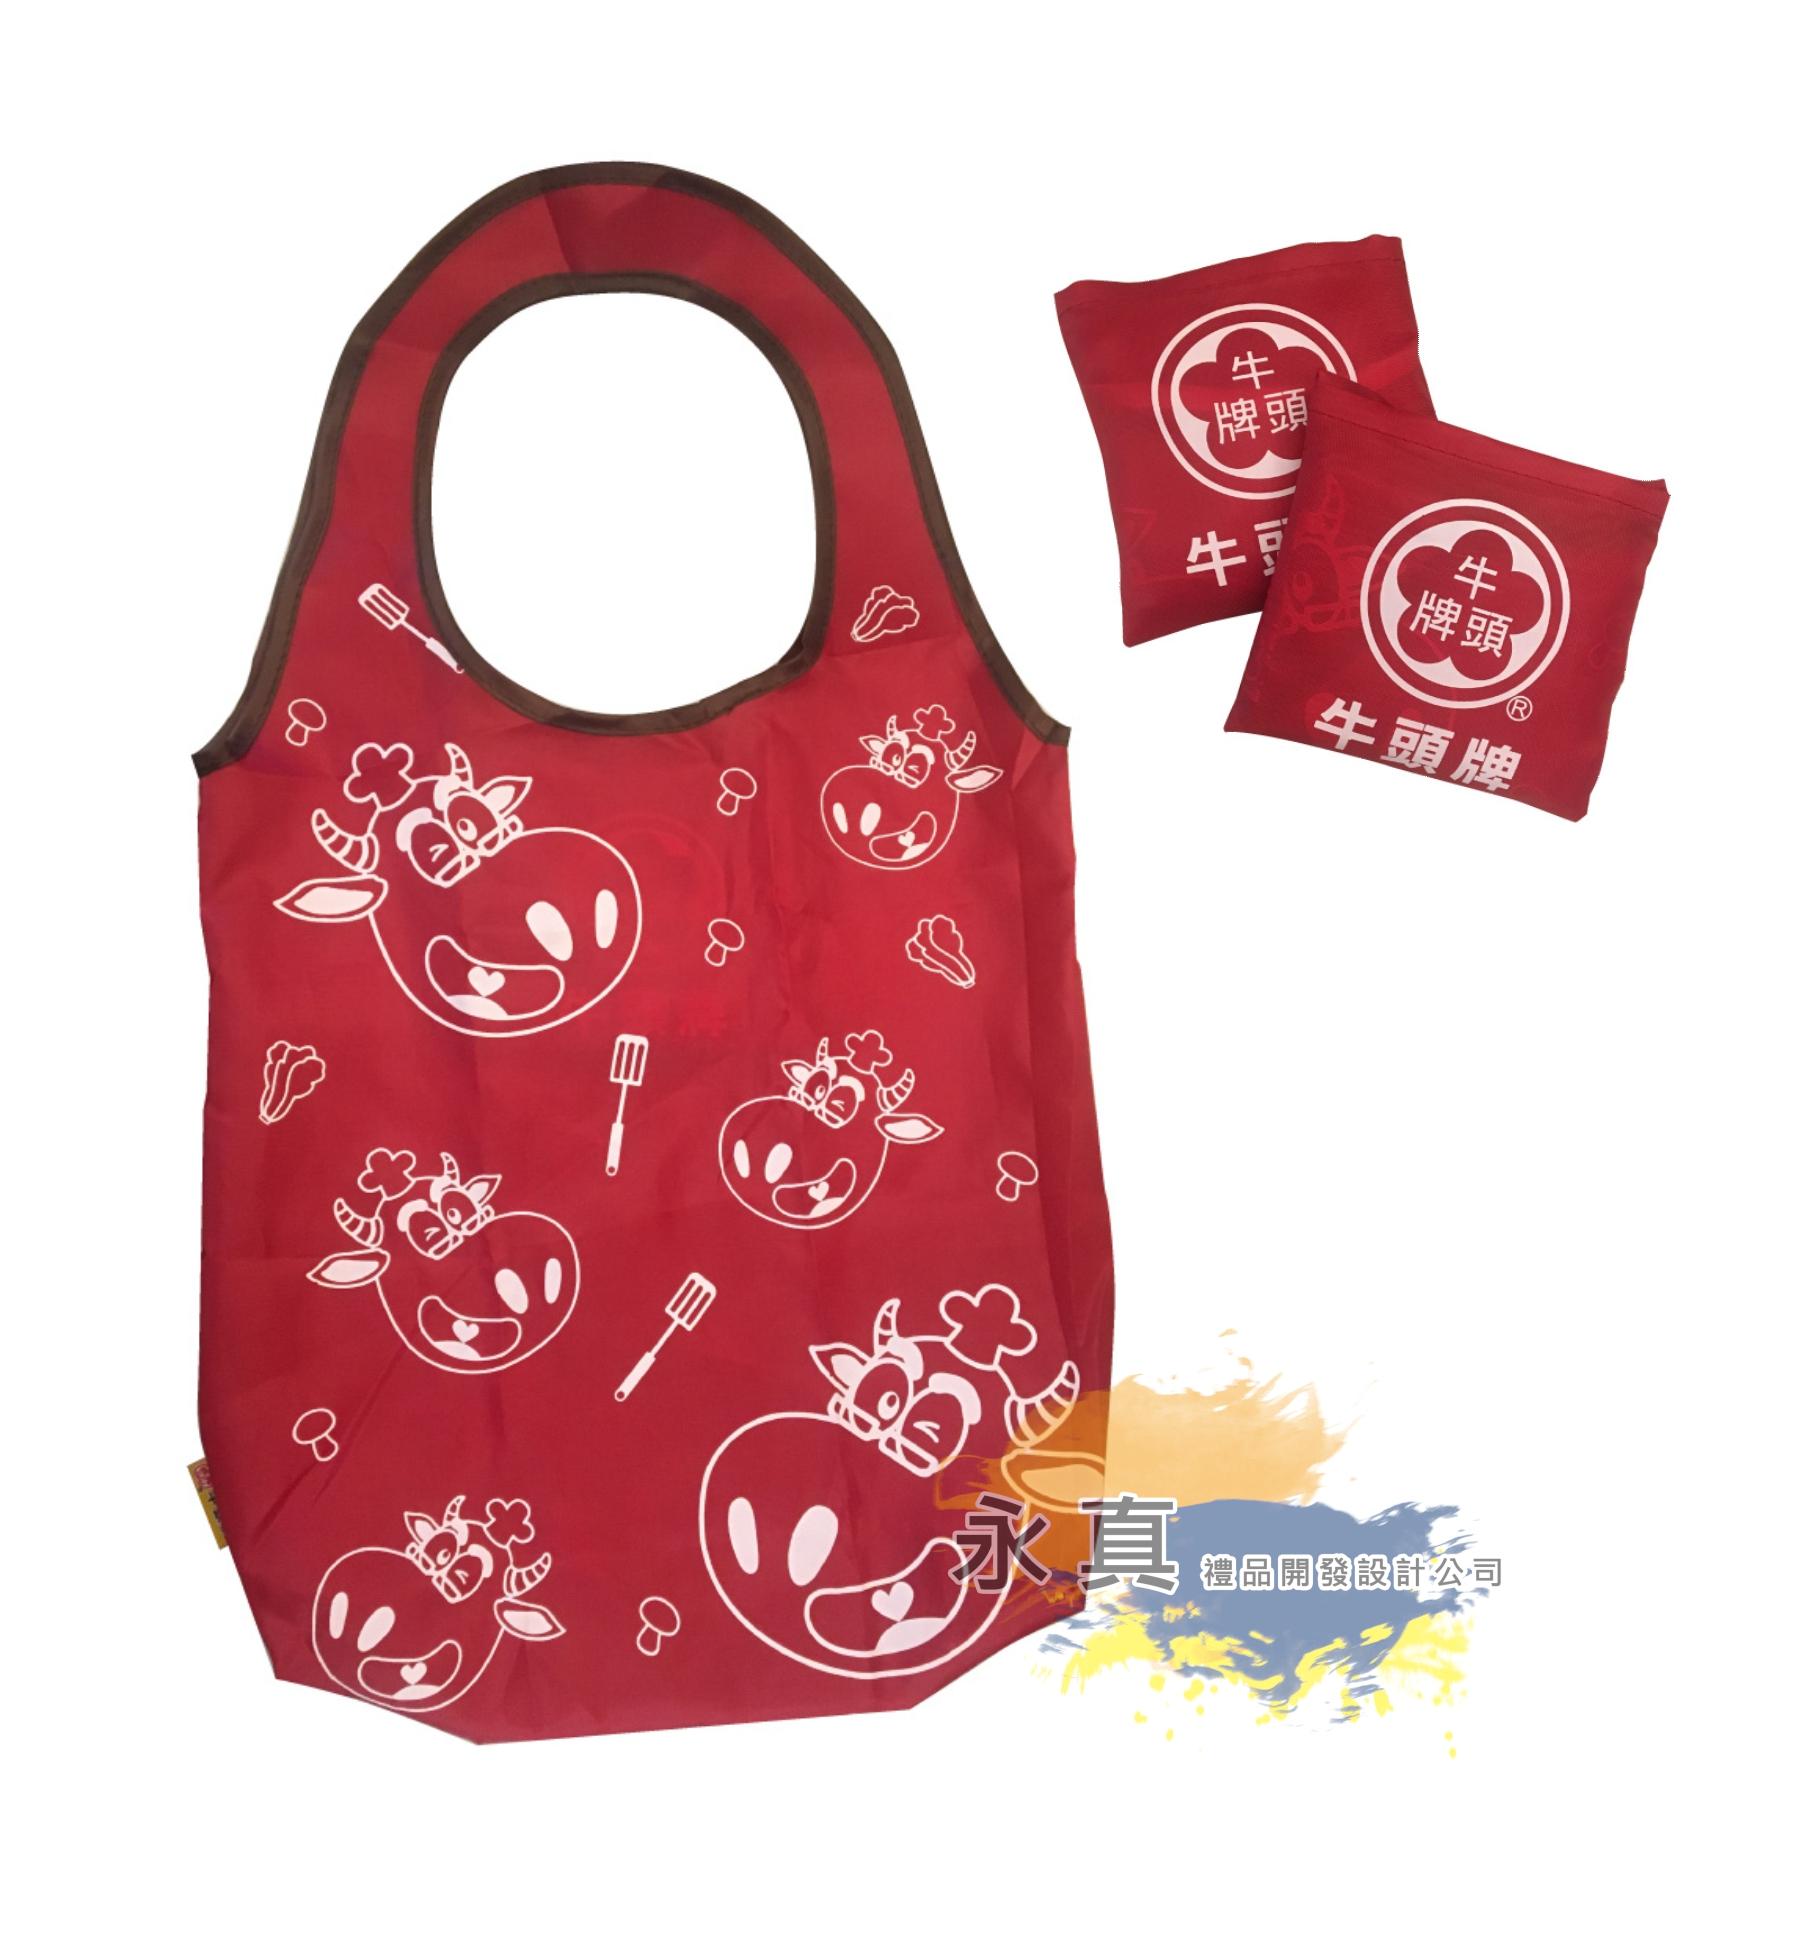 客製收納型環保購物袋(牛頭牌)